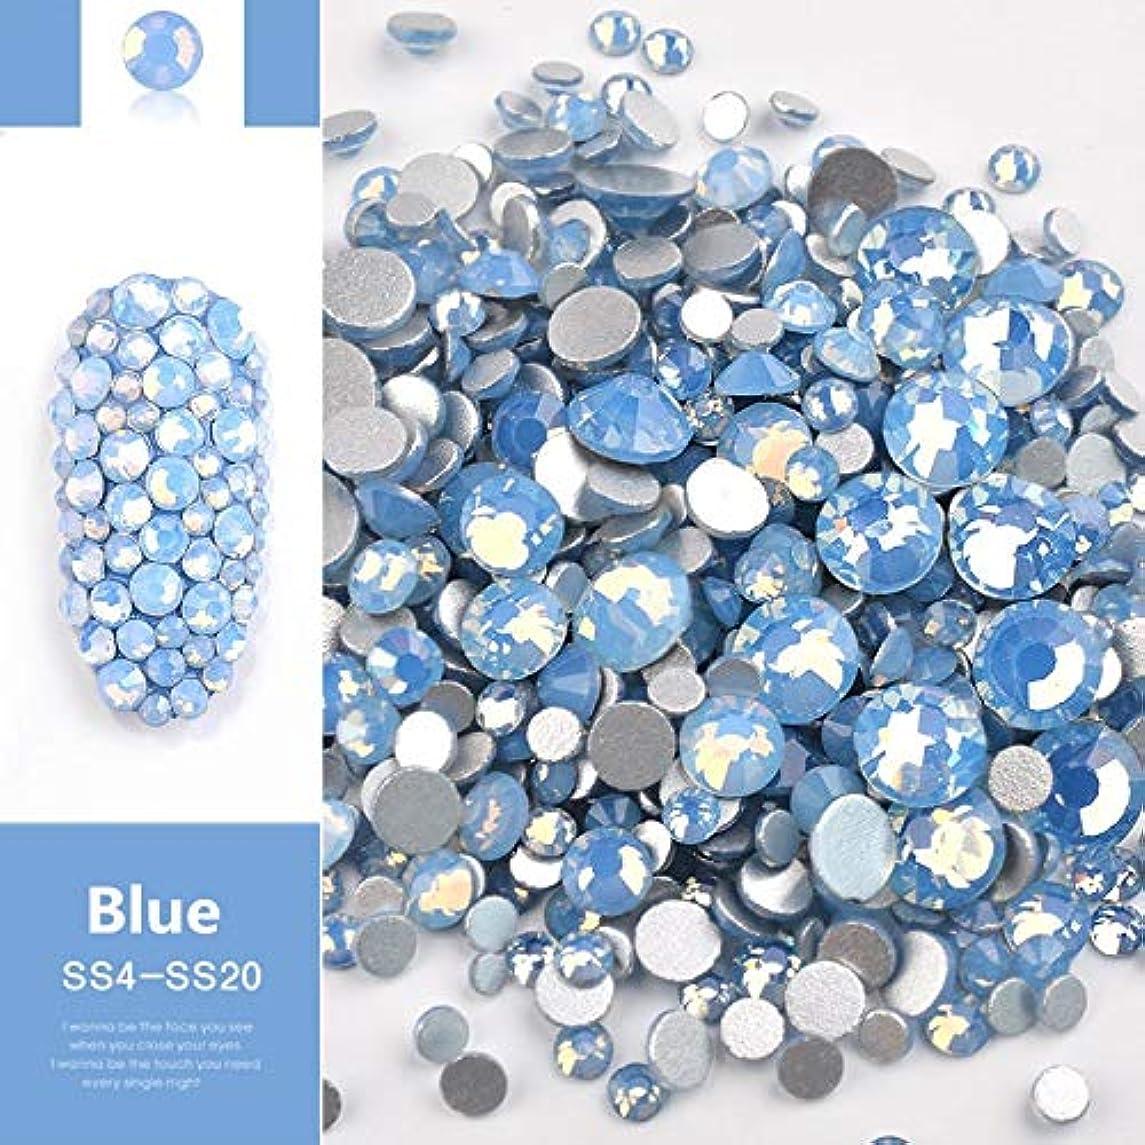 逃げるひねり深めるOWNFSKNL ビーズ樹脂クリスタルラウンドネイルアートミックスフラットバックアクリルラインストーンミックスサイズ1.5-4.5 mm装飾用ネイル (Color : Blue)